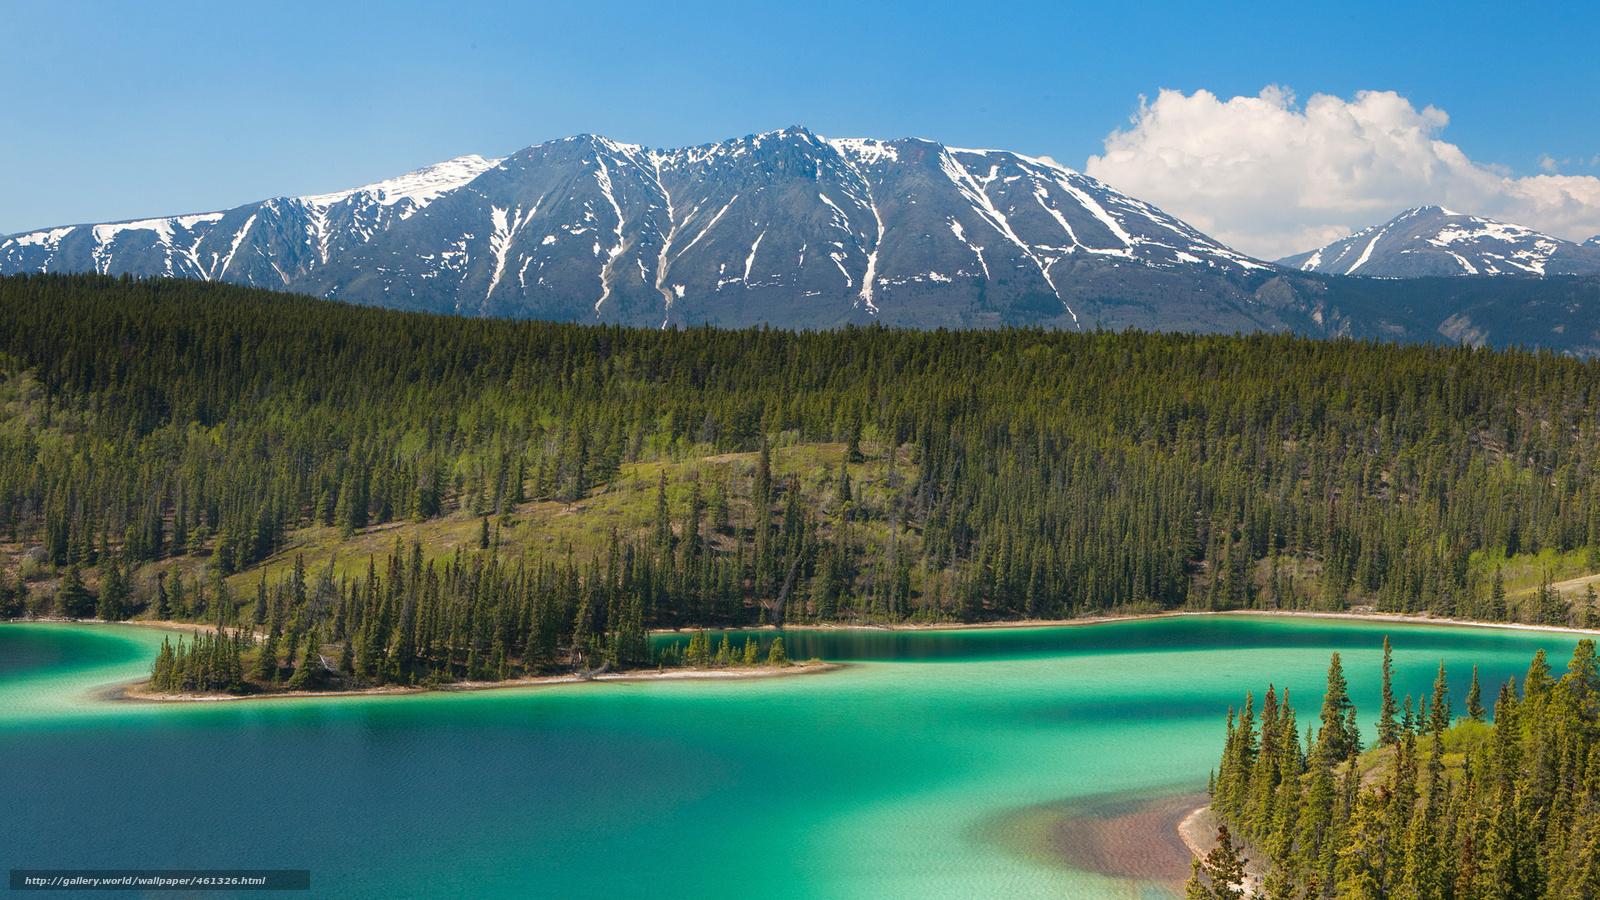 wallpaper Mountains lake alaska Trees desktop wallpaper 1600x900